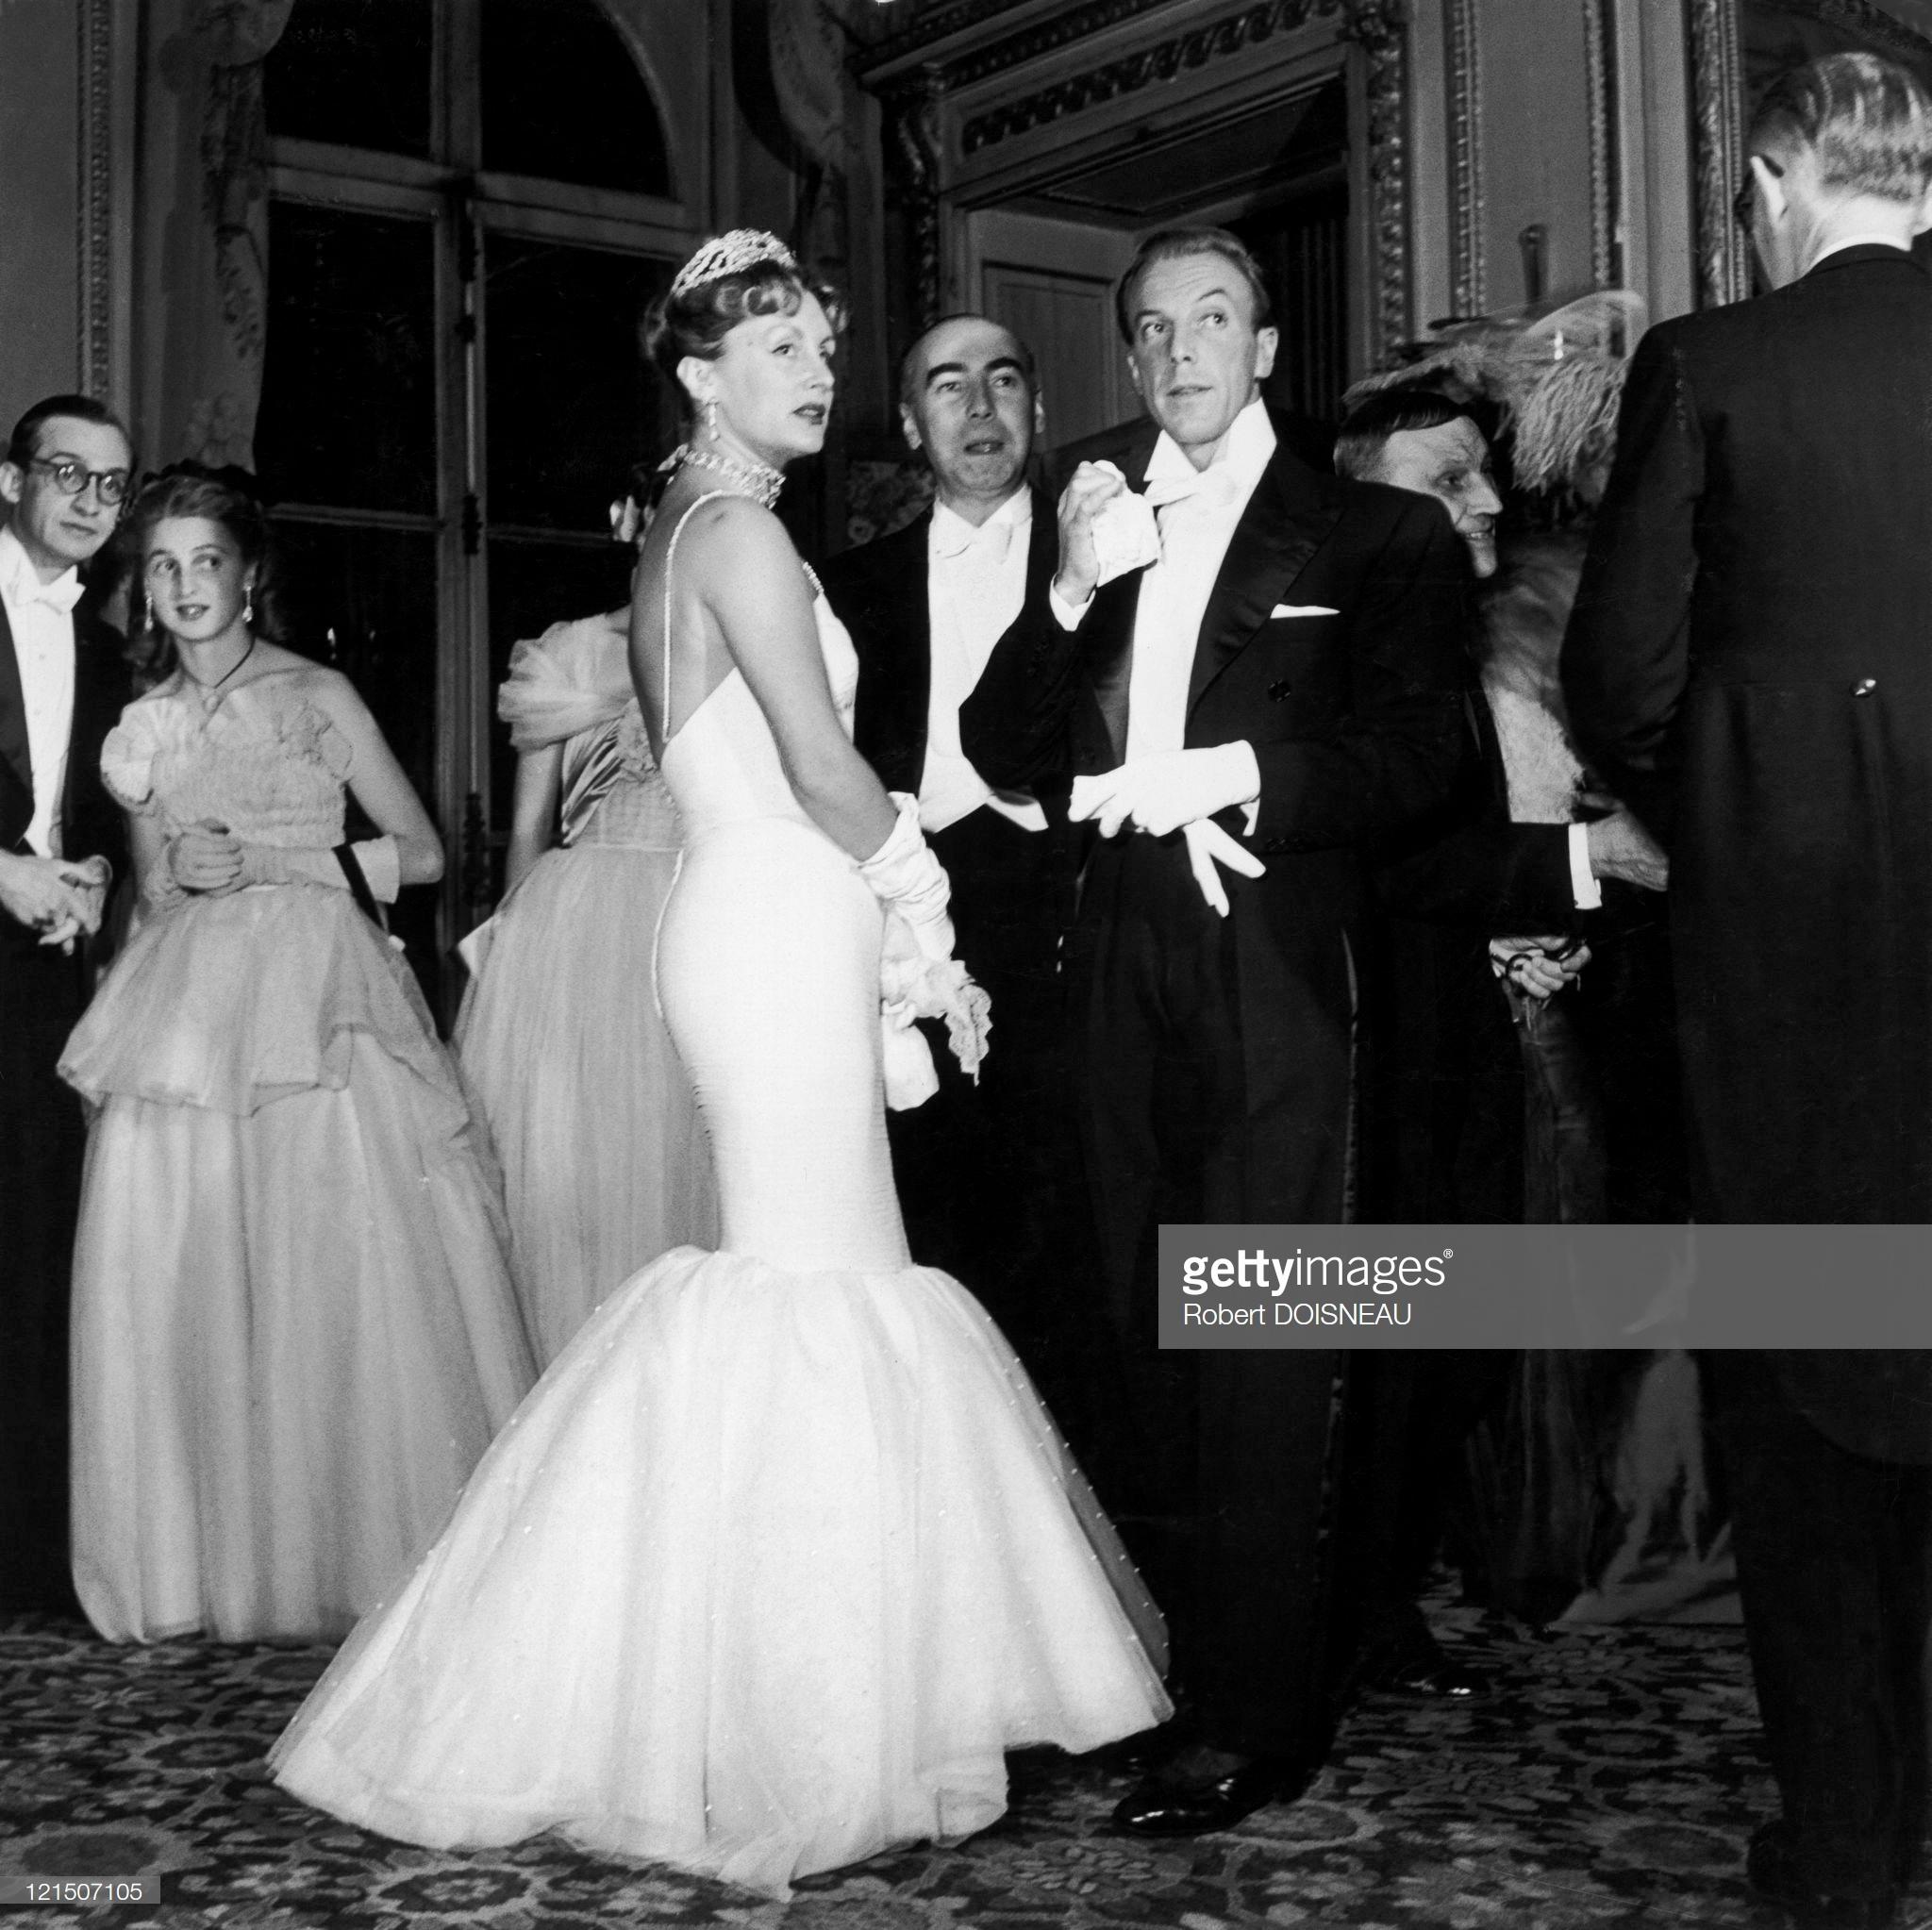 1950. 19 июня. Жак Фат (французский модельер) с супругой на балу графа Этьена де Бомонта